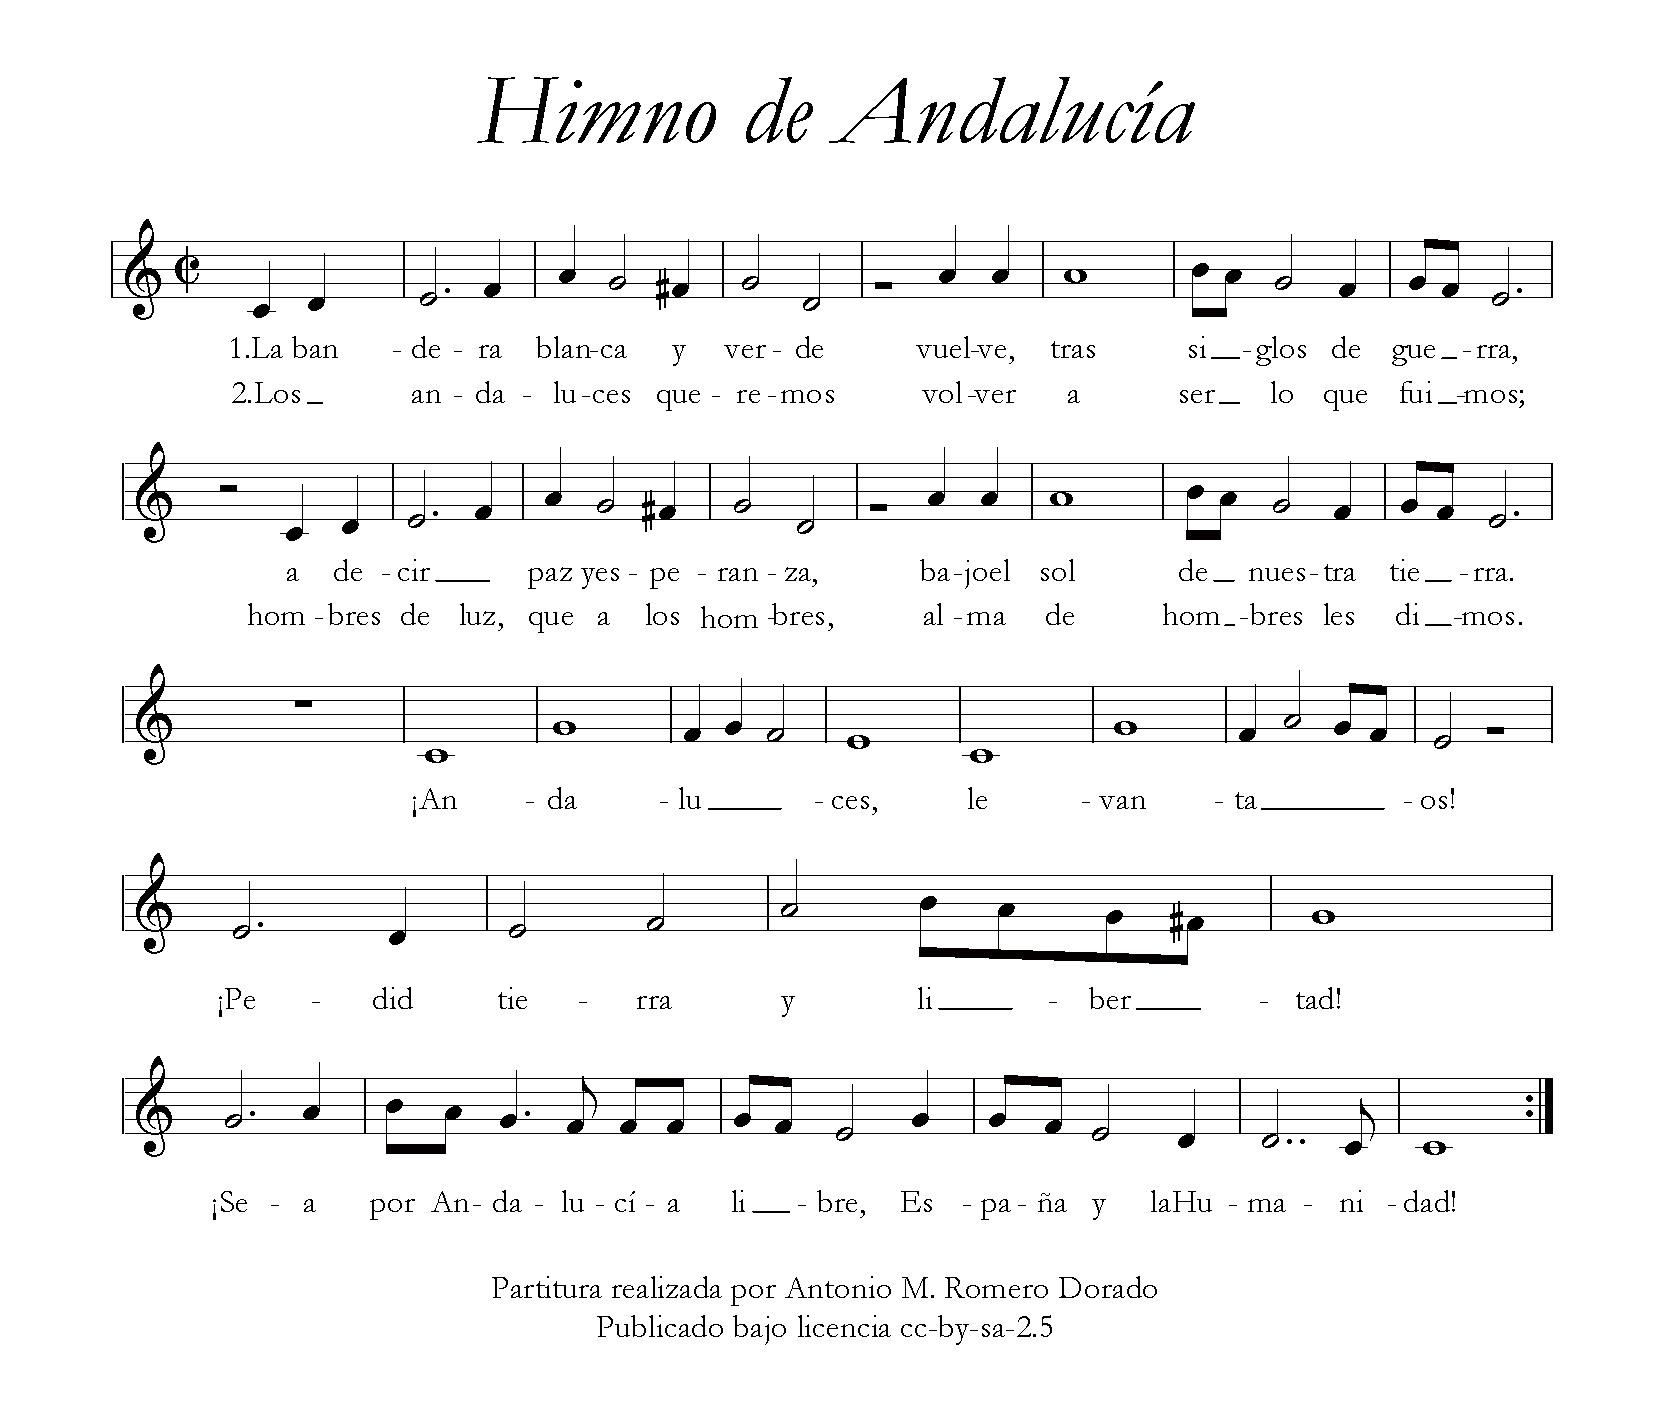 Partitura del himno de Andalucía (Wikipedia)